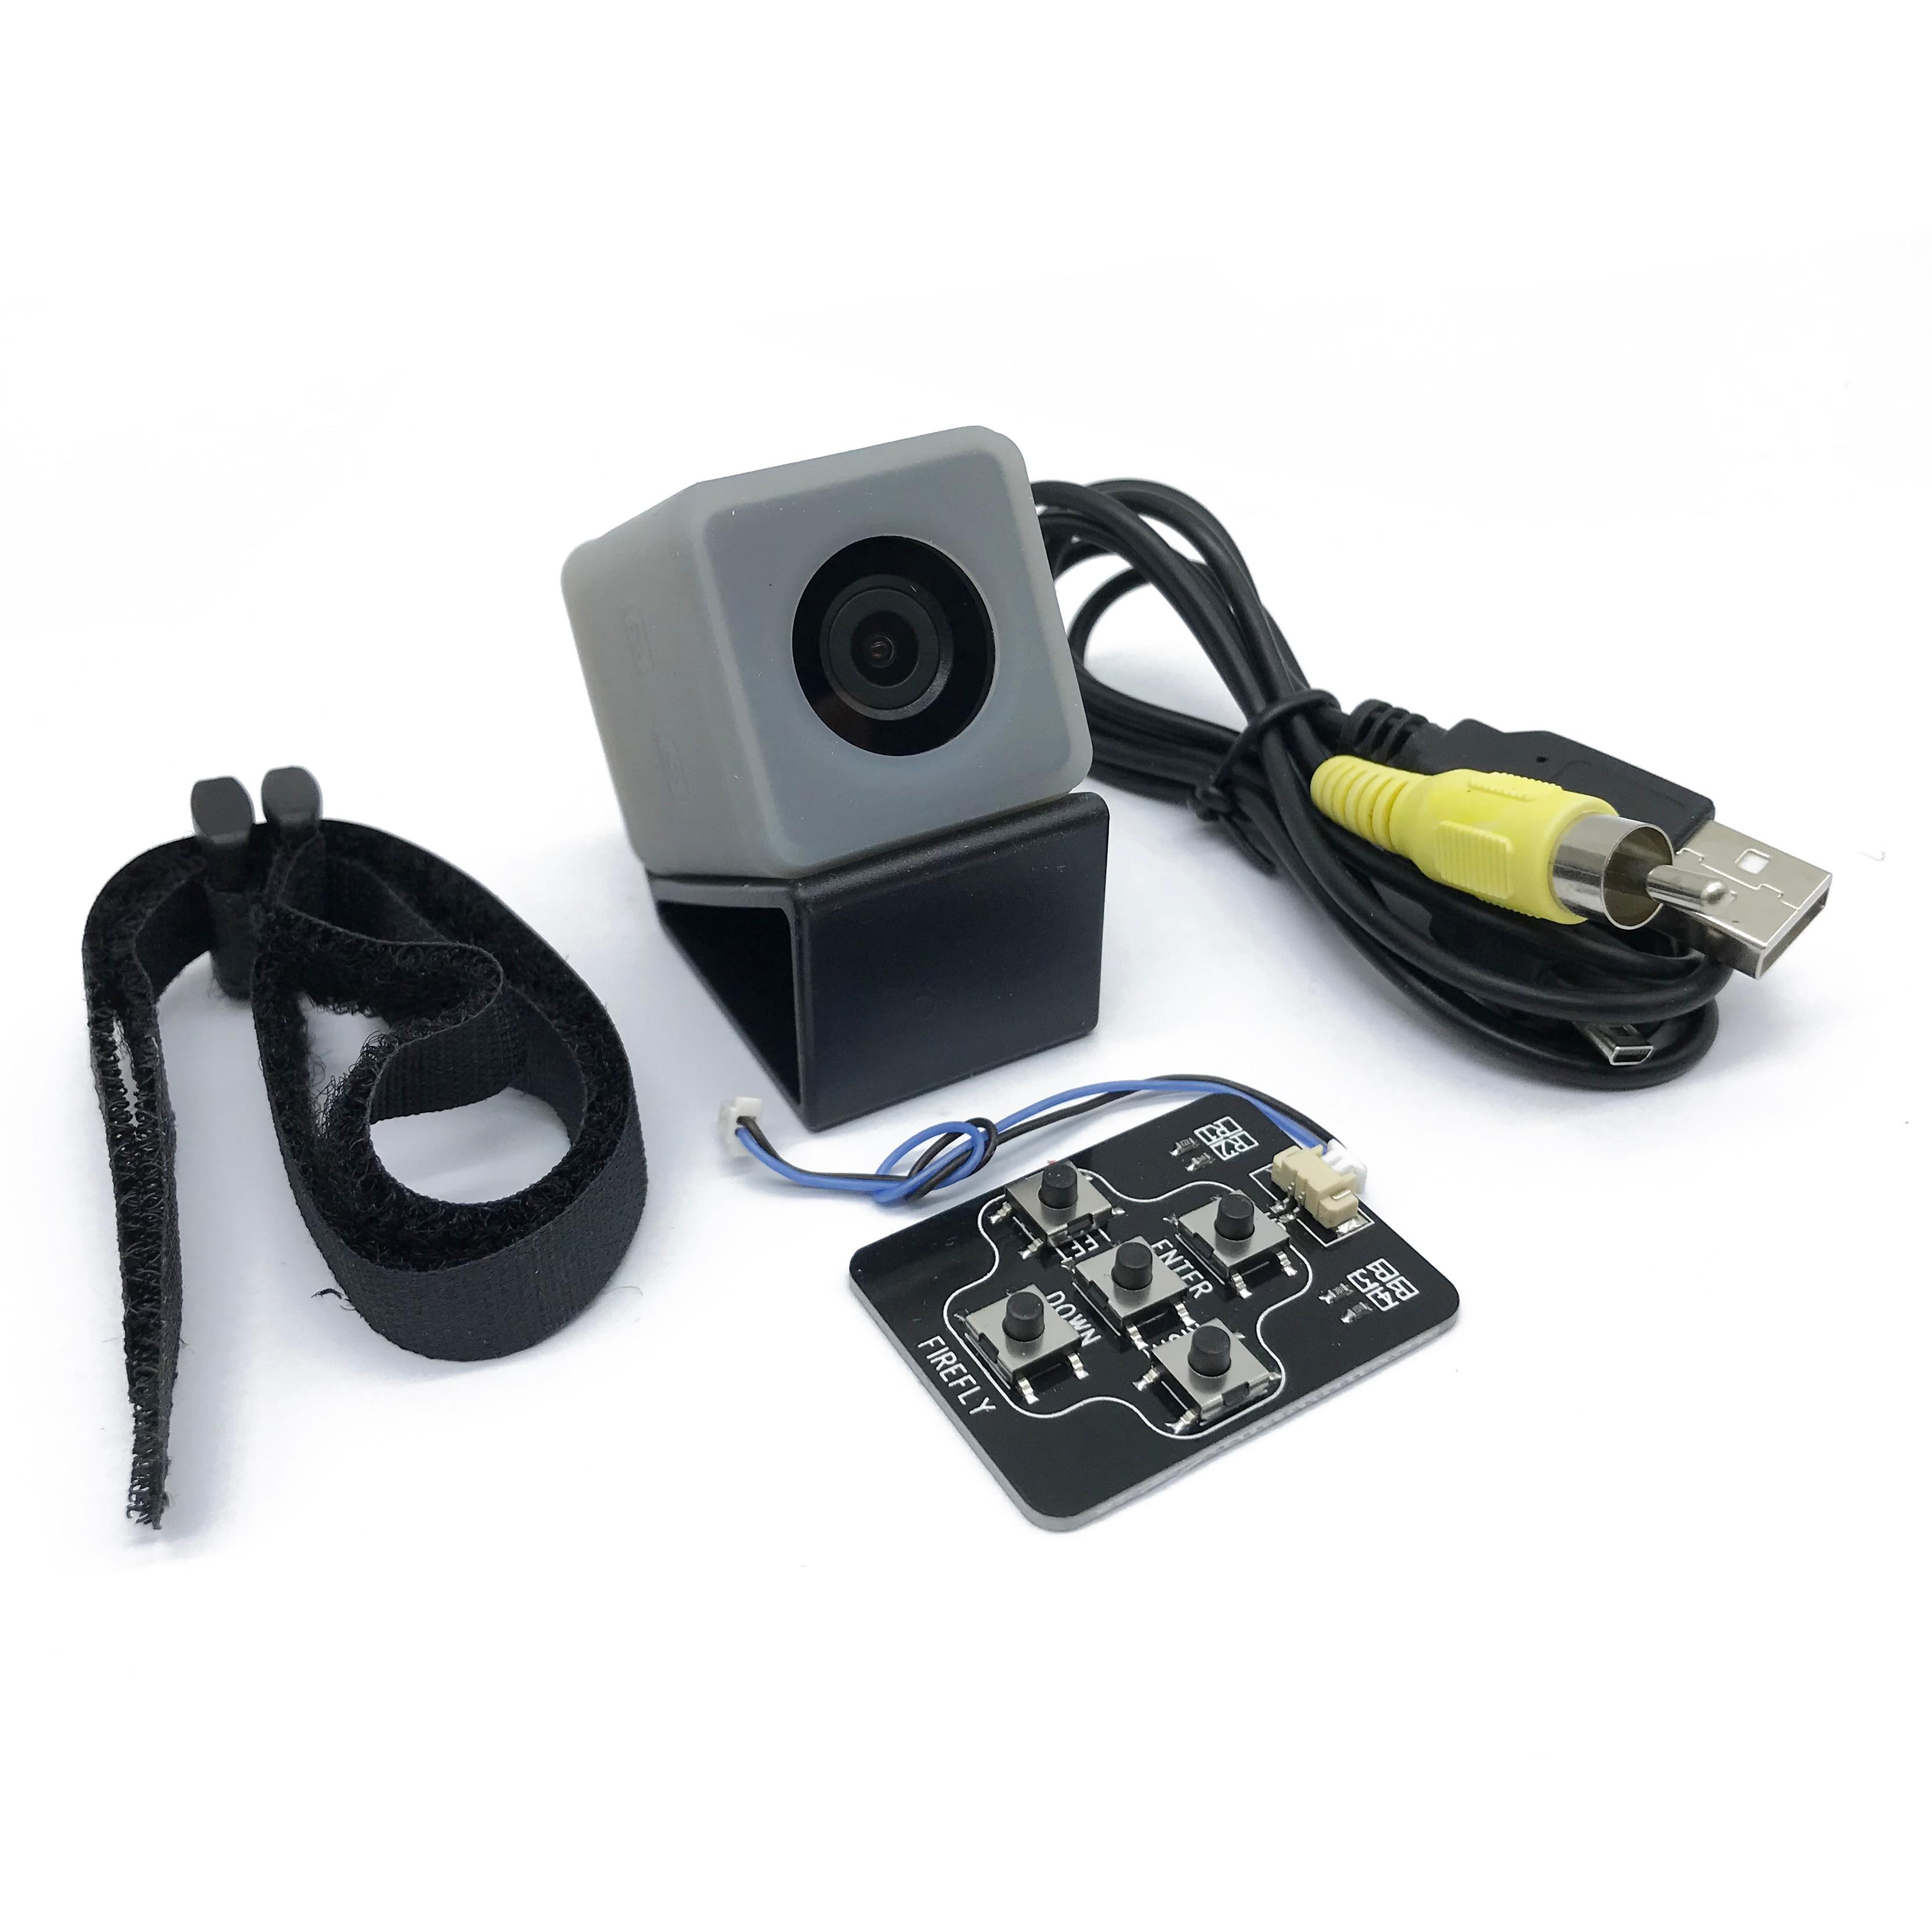 Oyuncaklar ve Hobi Ürünleri'ten Parçalar ve Aksesuarlar'de Hawkeye Firefly Mikro Kam 2 160 Derece 2.5 K HD Kayıt FPV Eylem Kamera Dahili Pil Düşük Gecikme RC drone Uçak'da  Grup 1